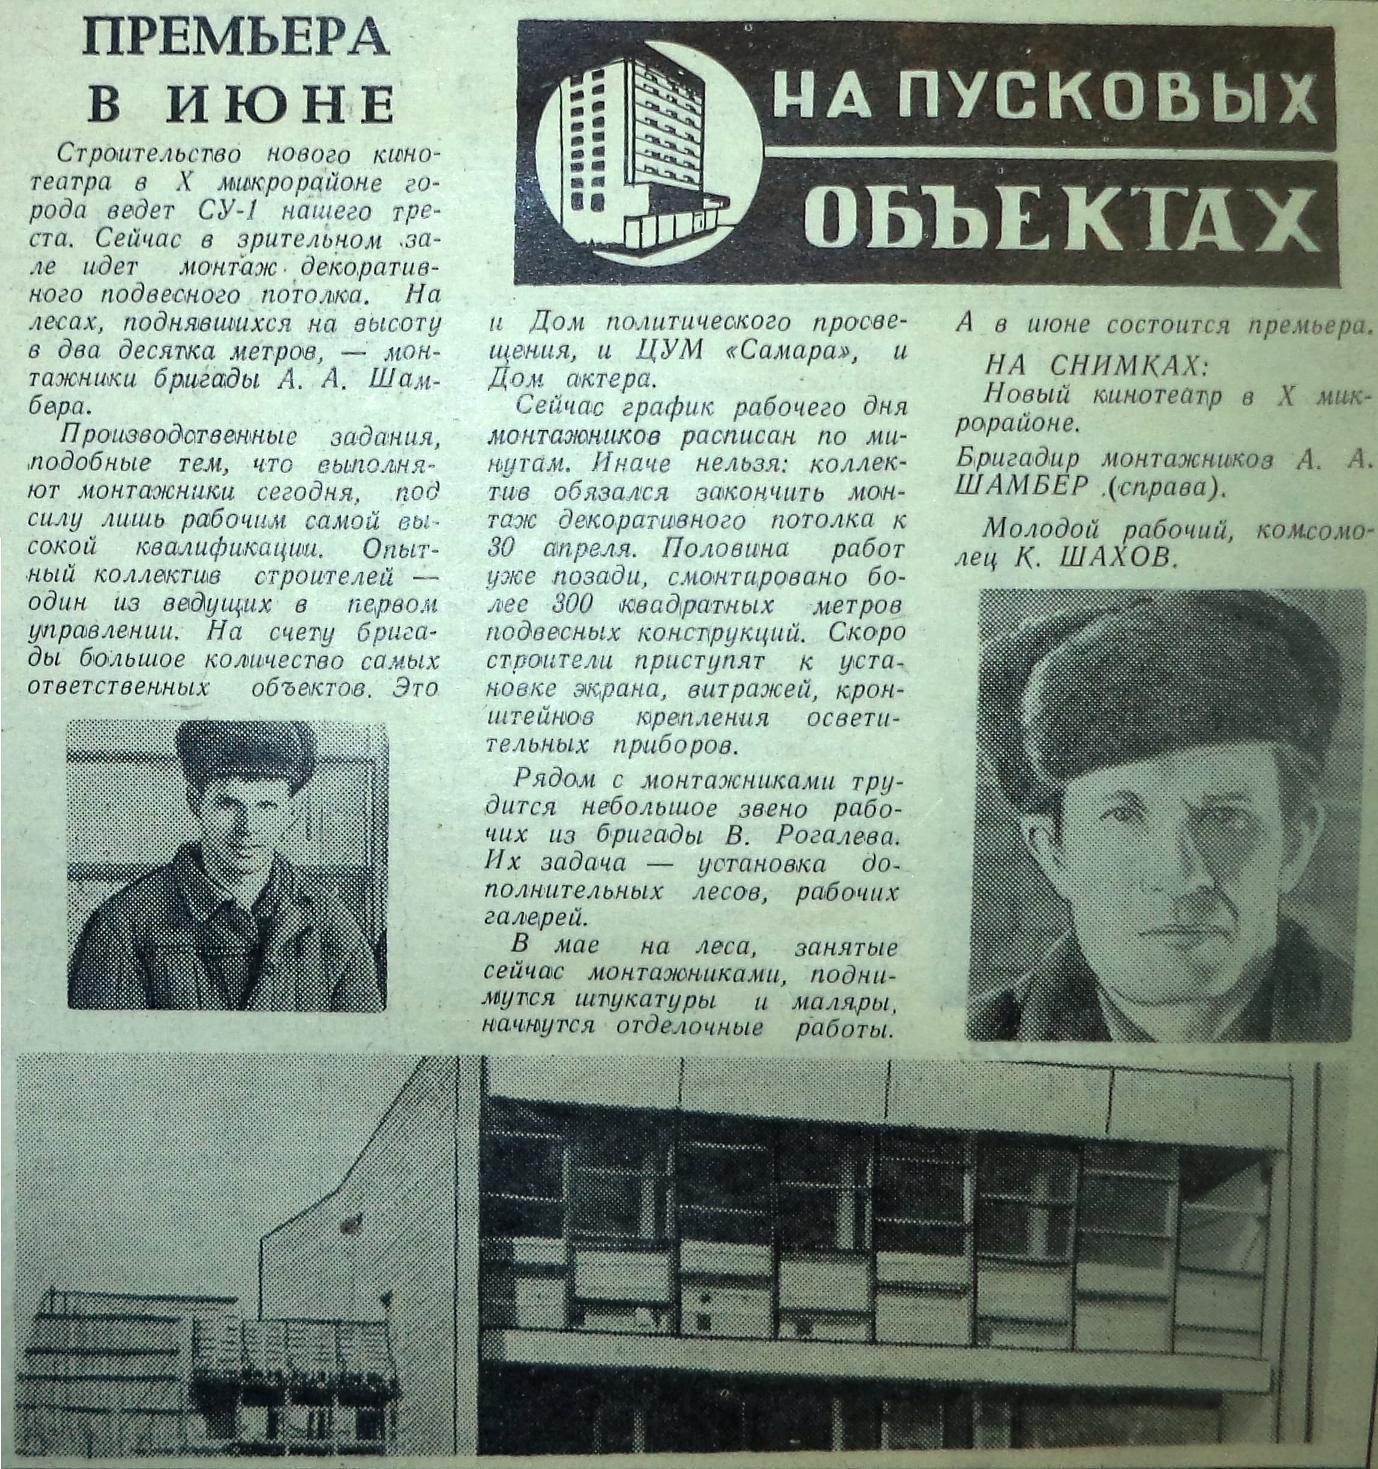 Стара Загора-ФОТО-073-Труд Строителя-1974-10 апреля-min